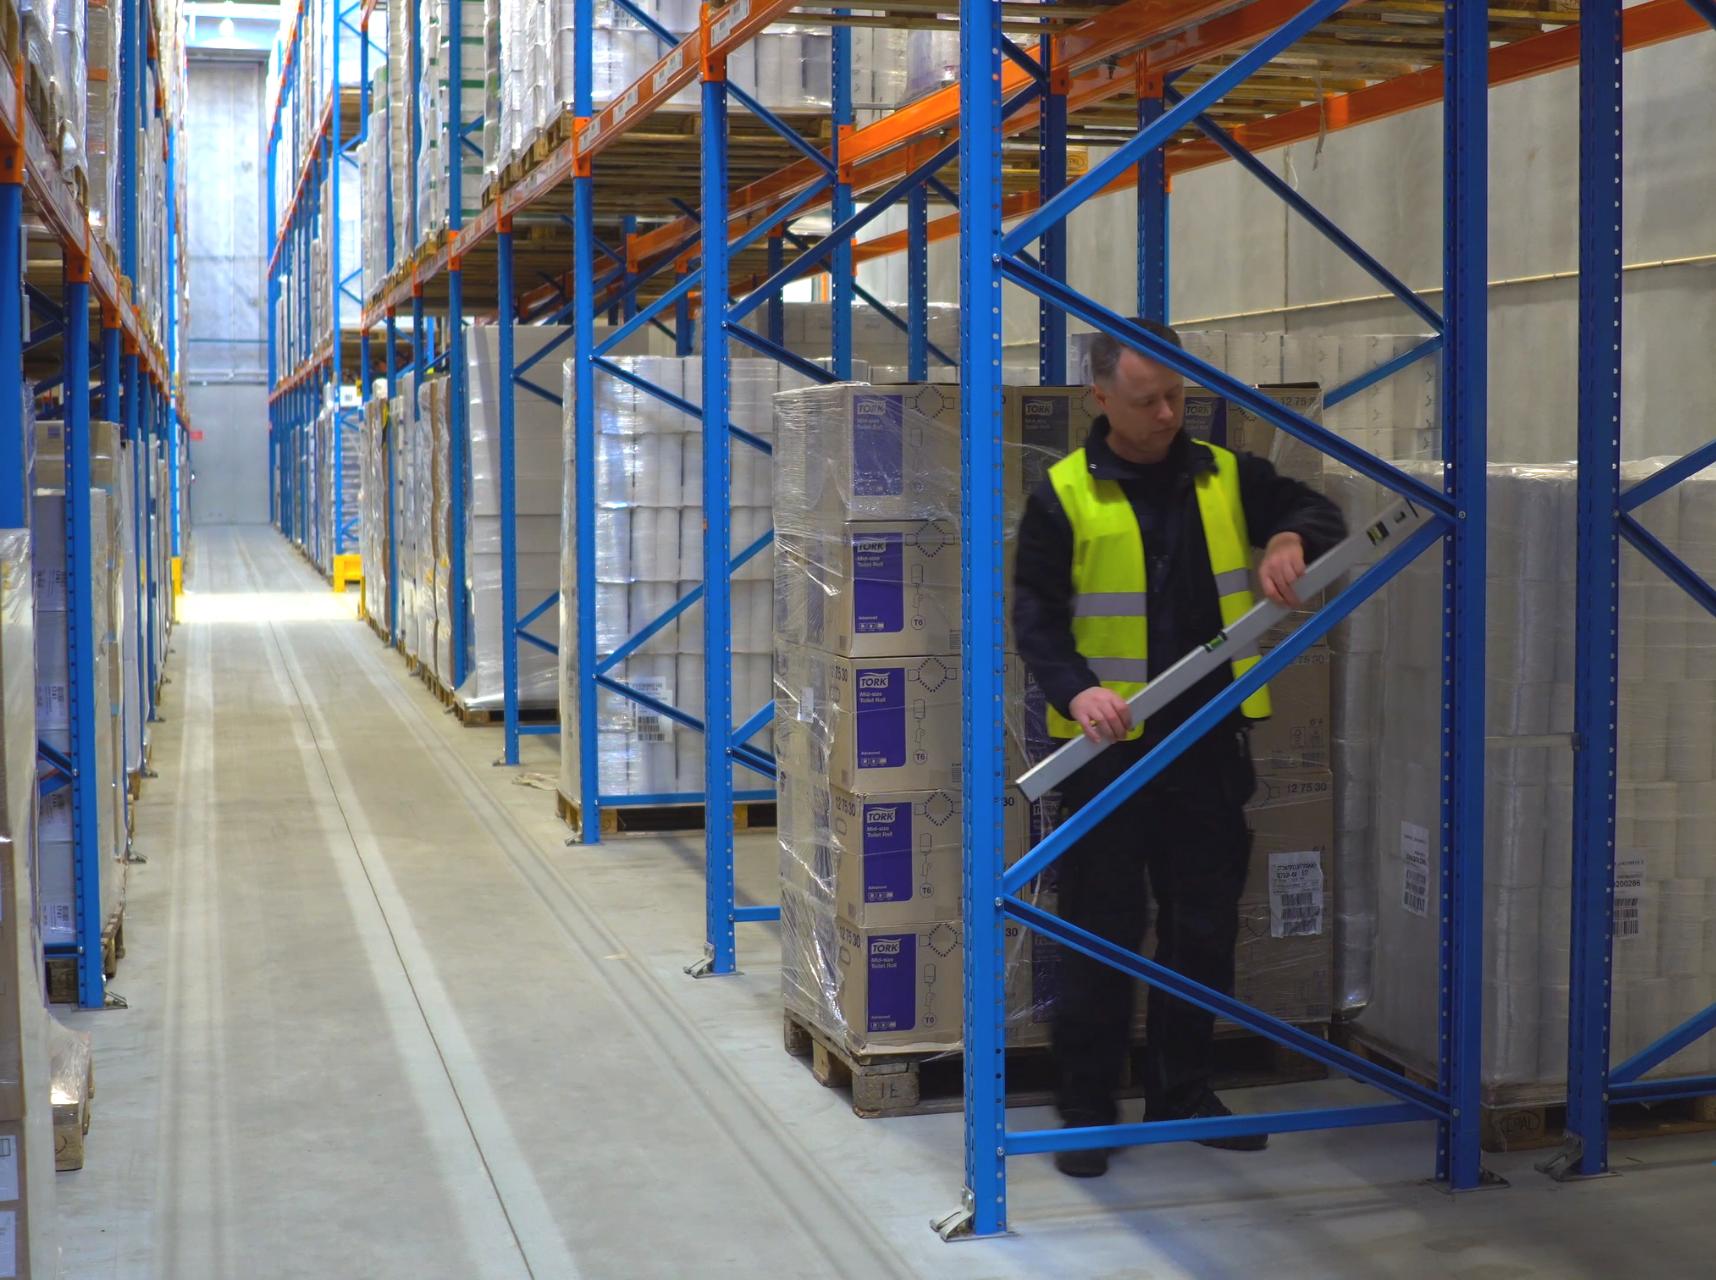 Stål reoler er et velegnet lagersystem til industri reoler, da de er godkendt til erhvervsbrug i industrien.